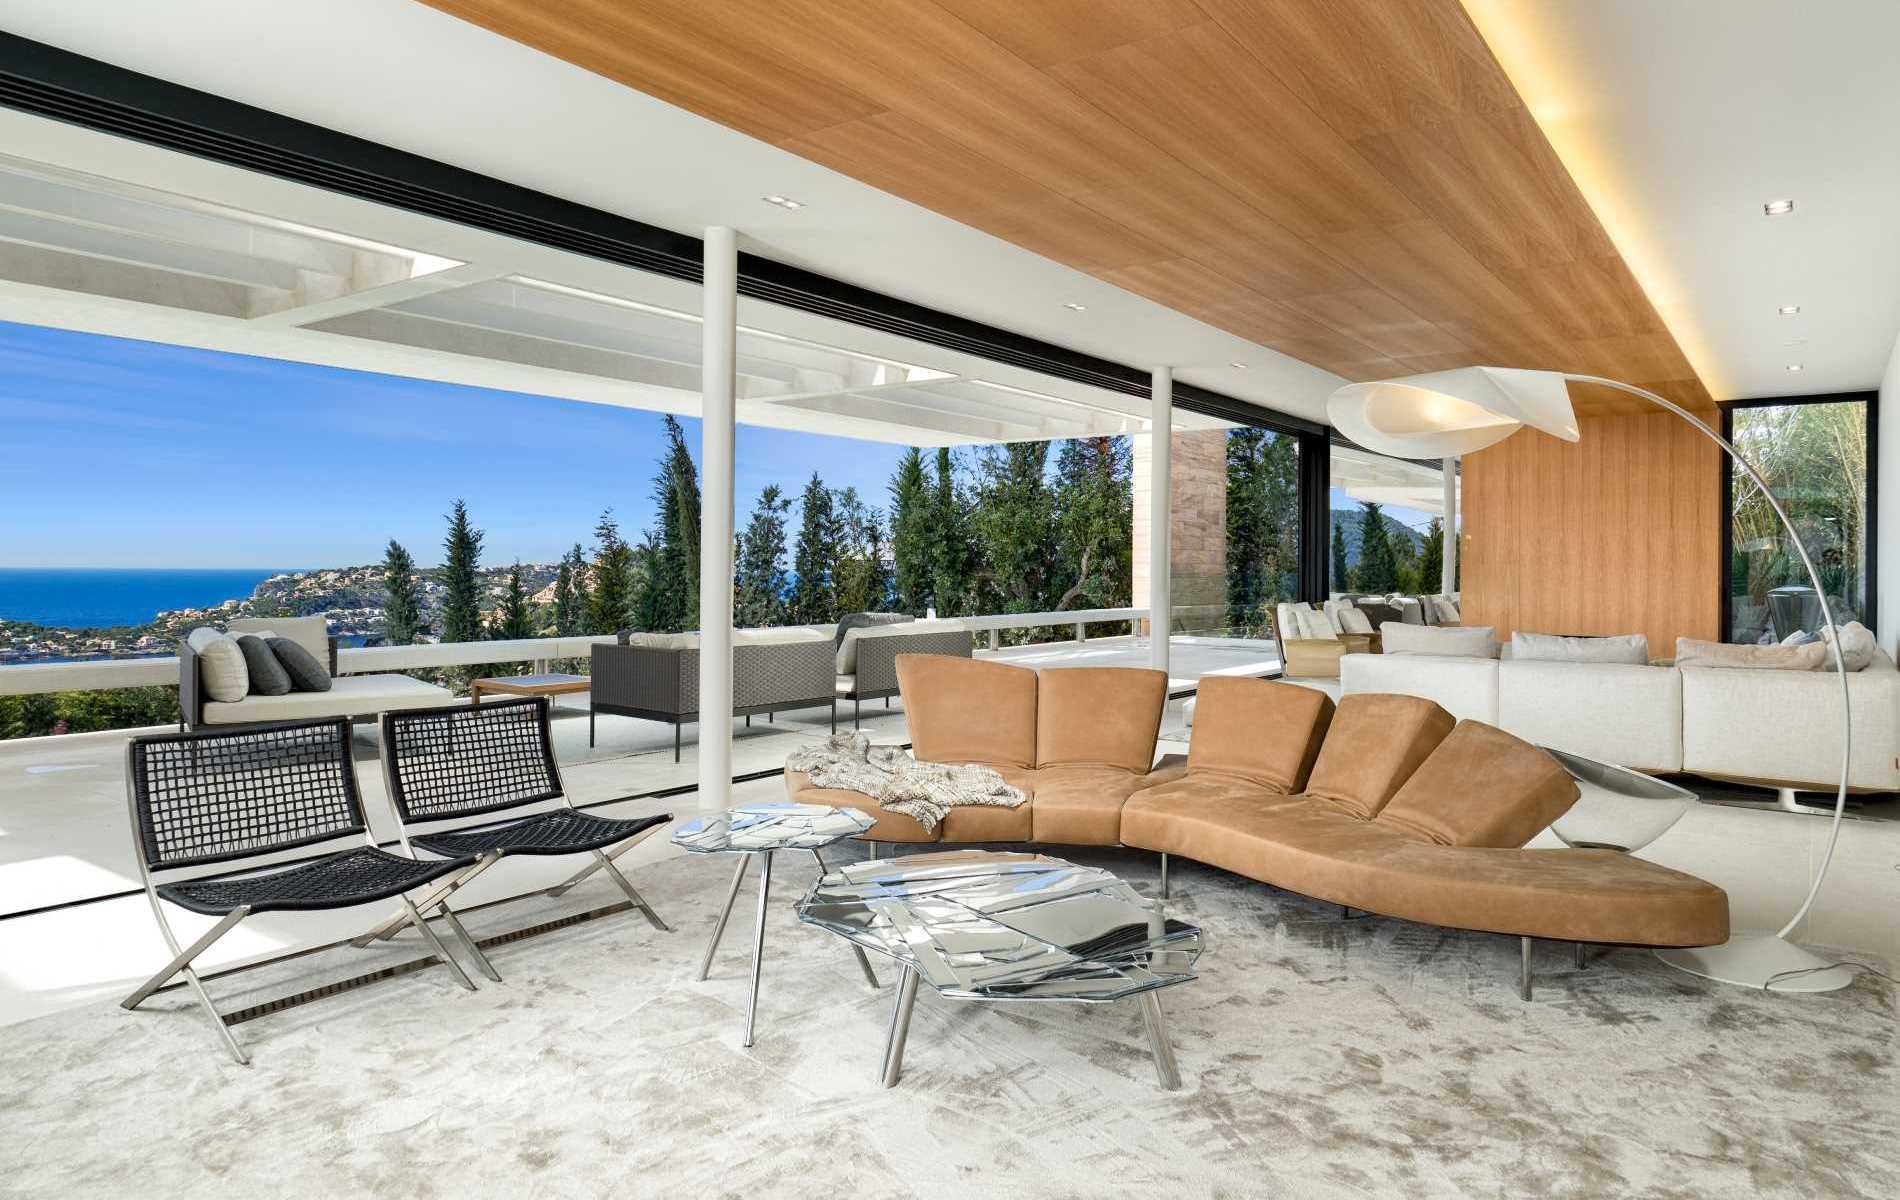 haus mallorca kaufen haus mallorca kaufen meerblick. Black Bedroom Furniture Sets. Home Design Ideas